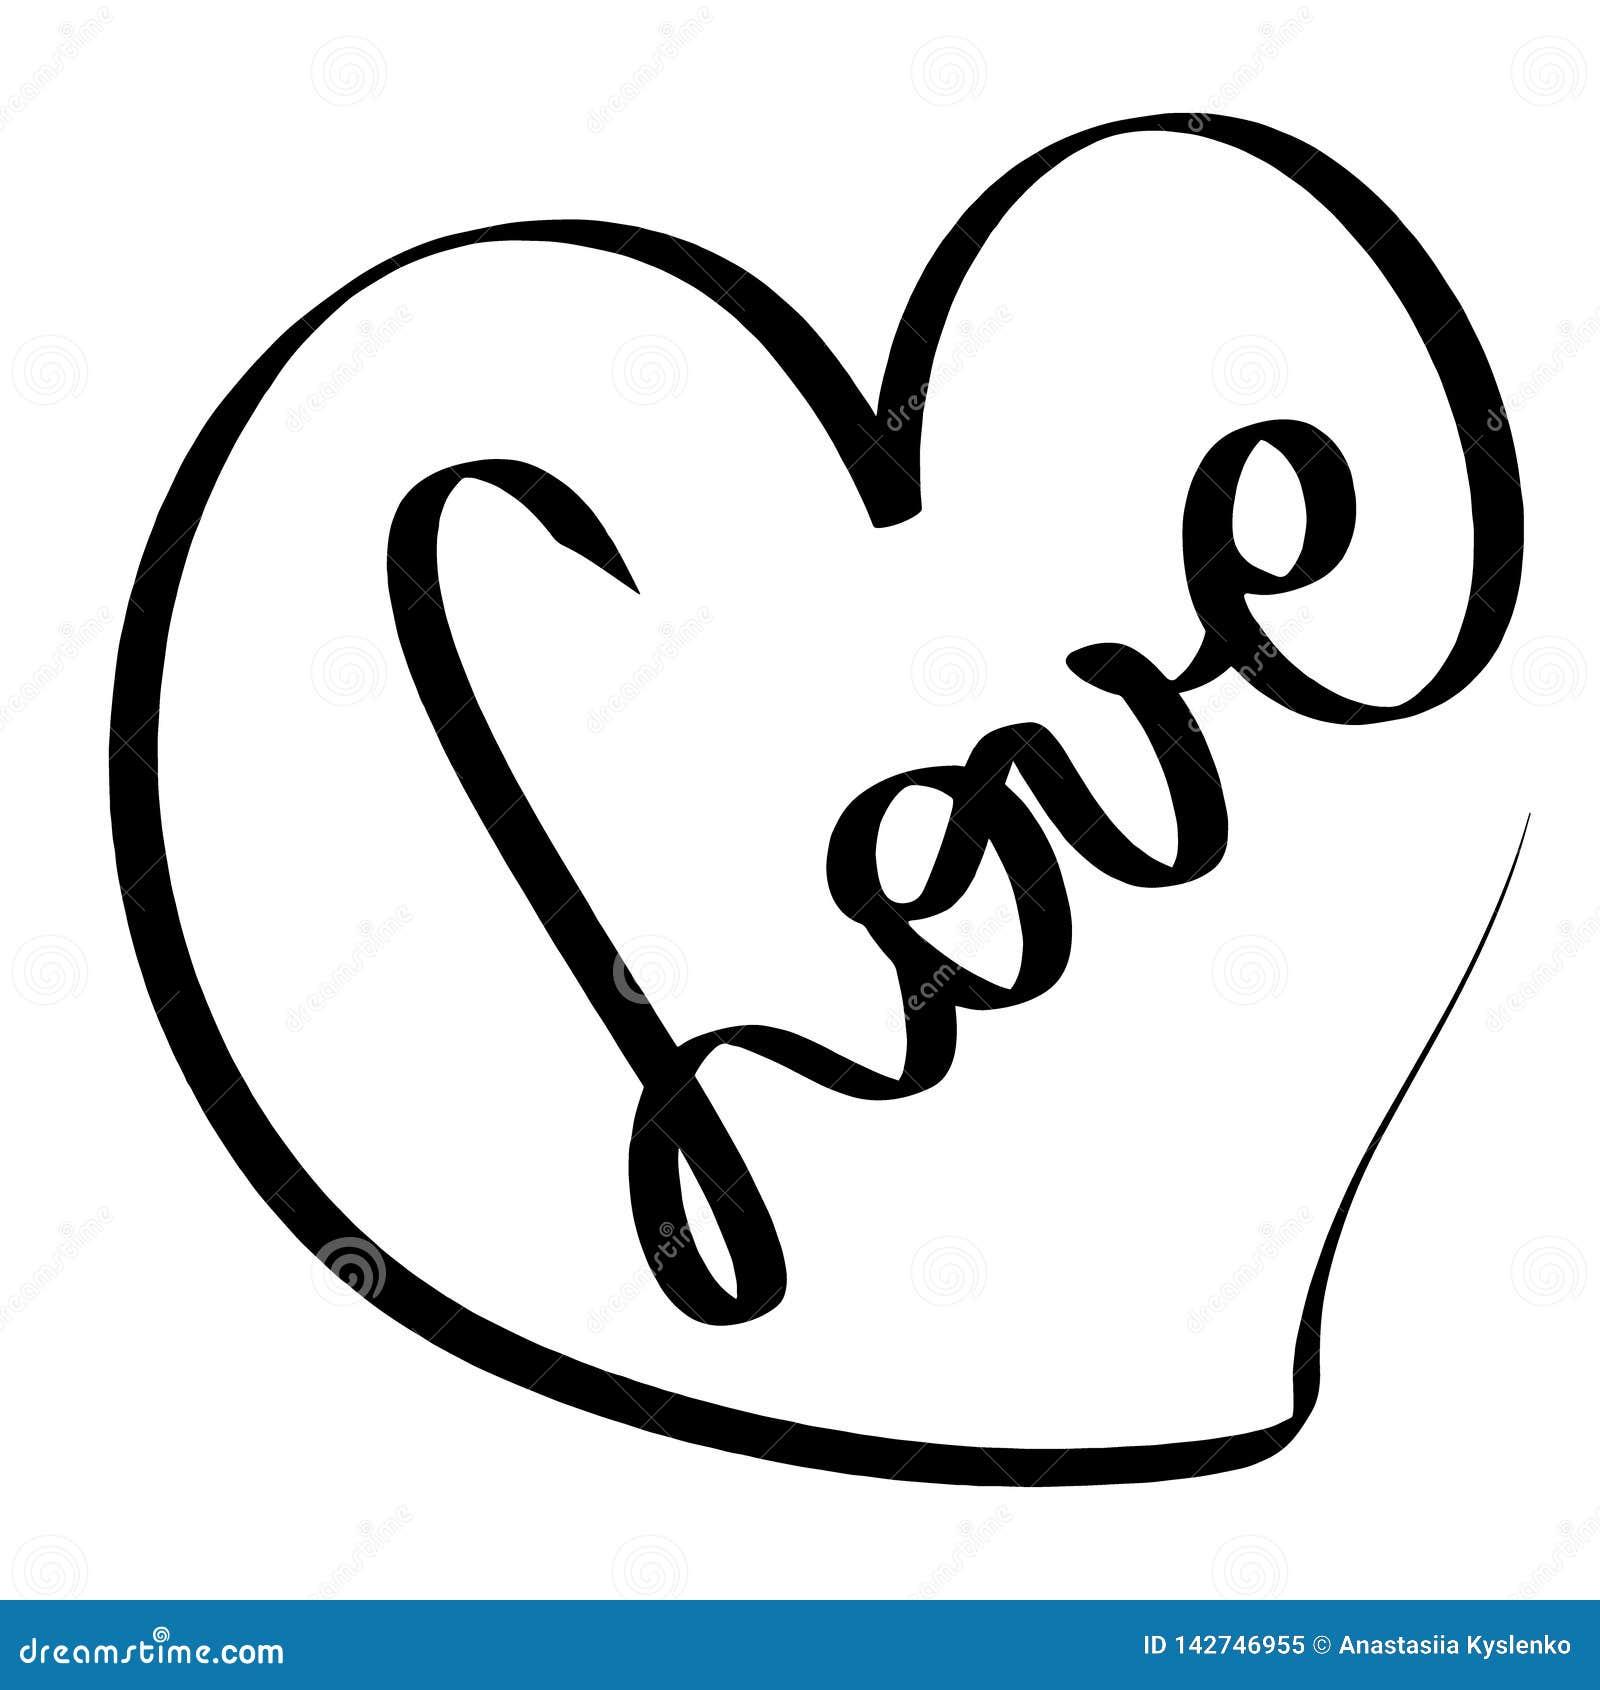 De vector illustratie van de Liefde Romantisch teken Zwarte hartkaart liefdepictogram Verwarde grungy ronde die gekrabbelhand met